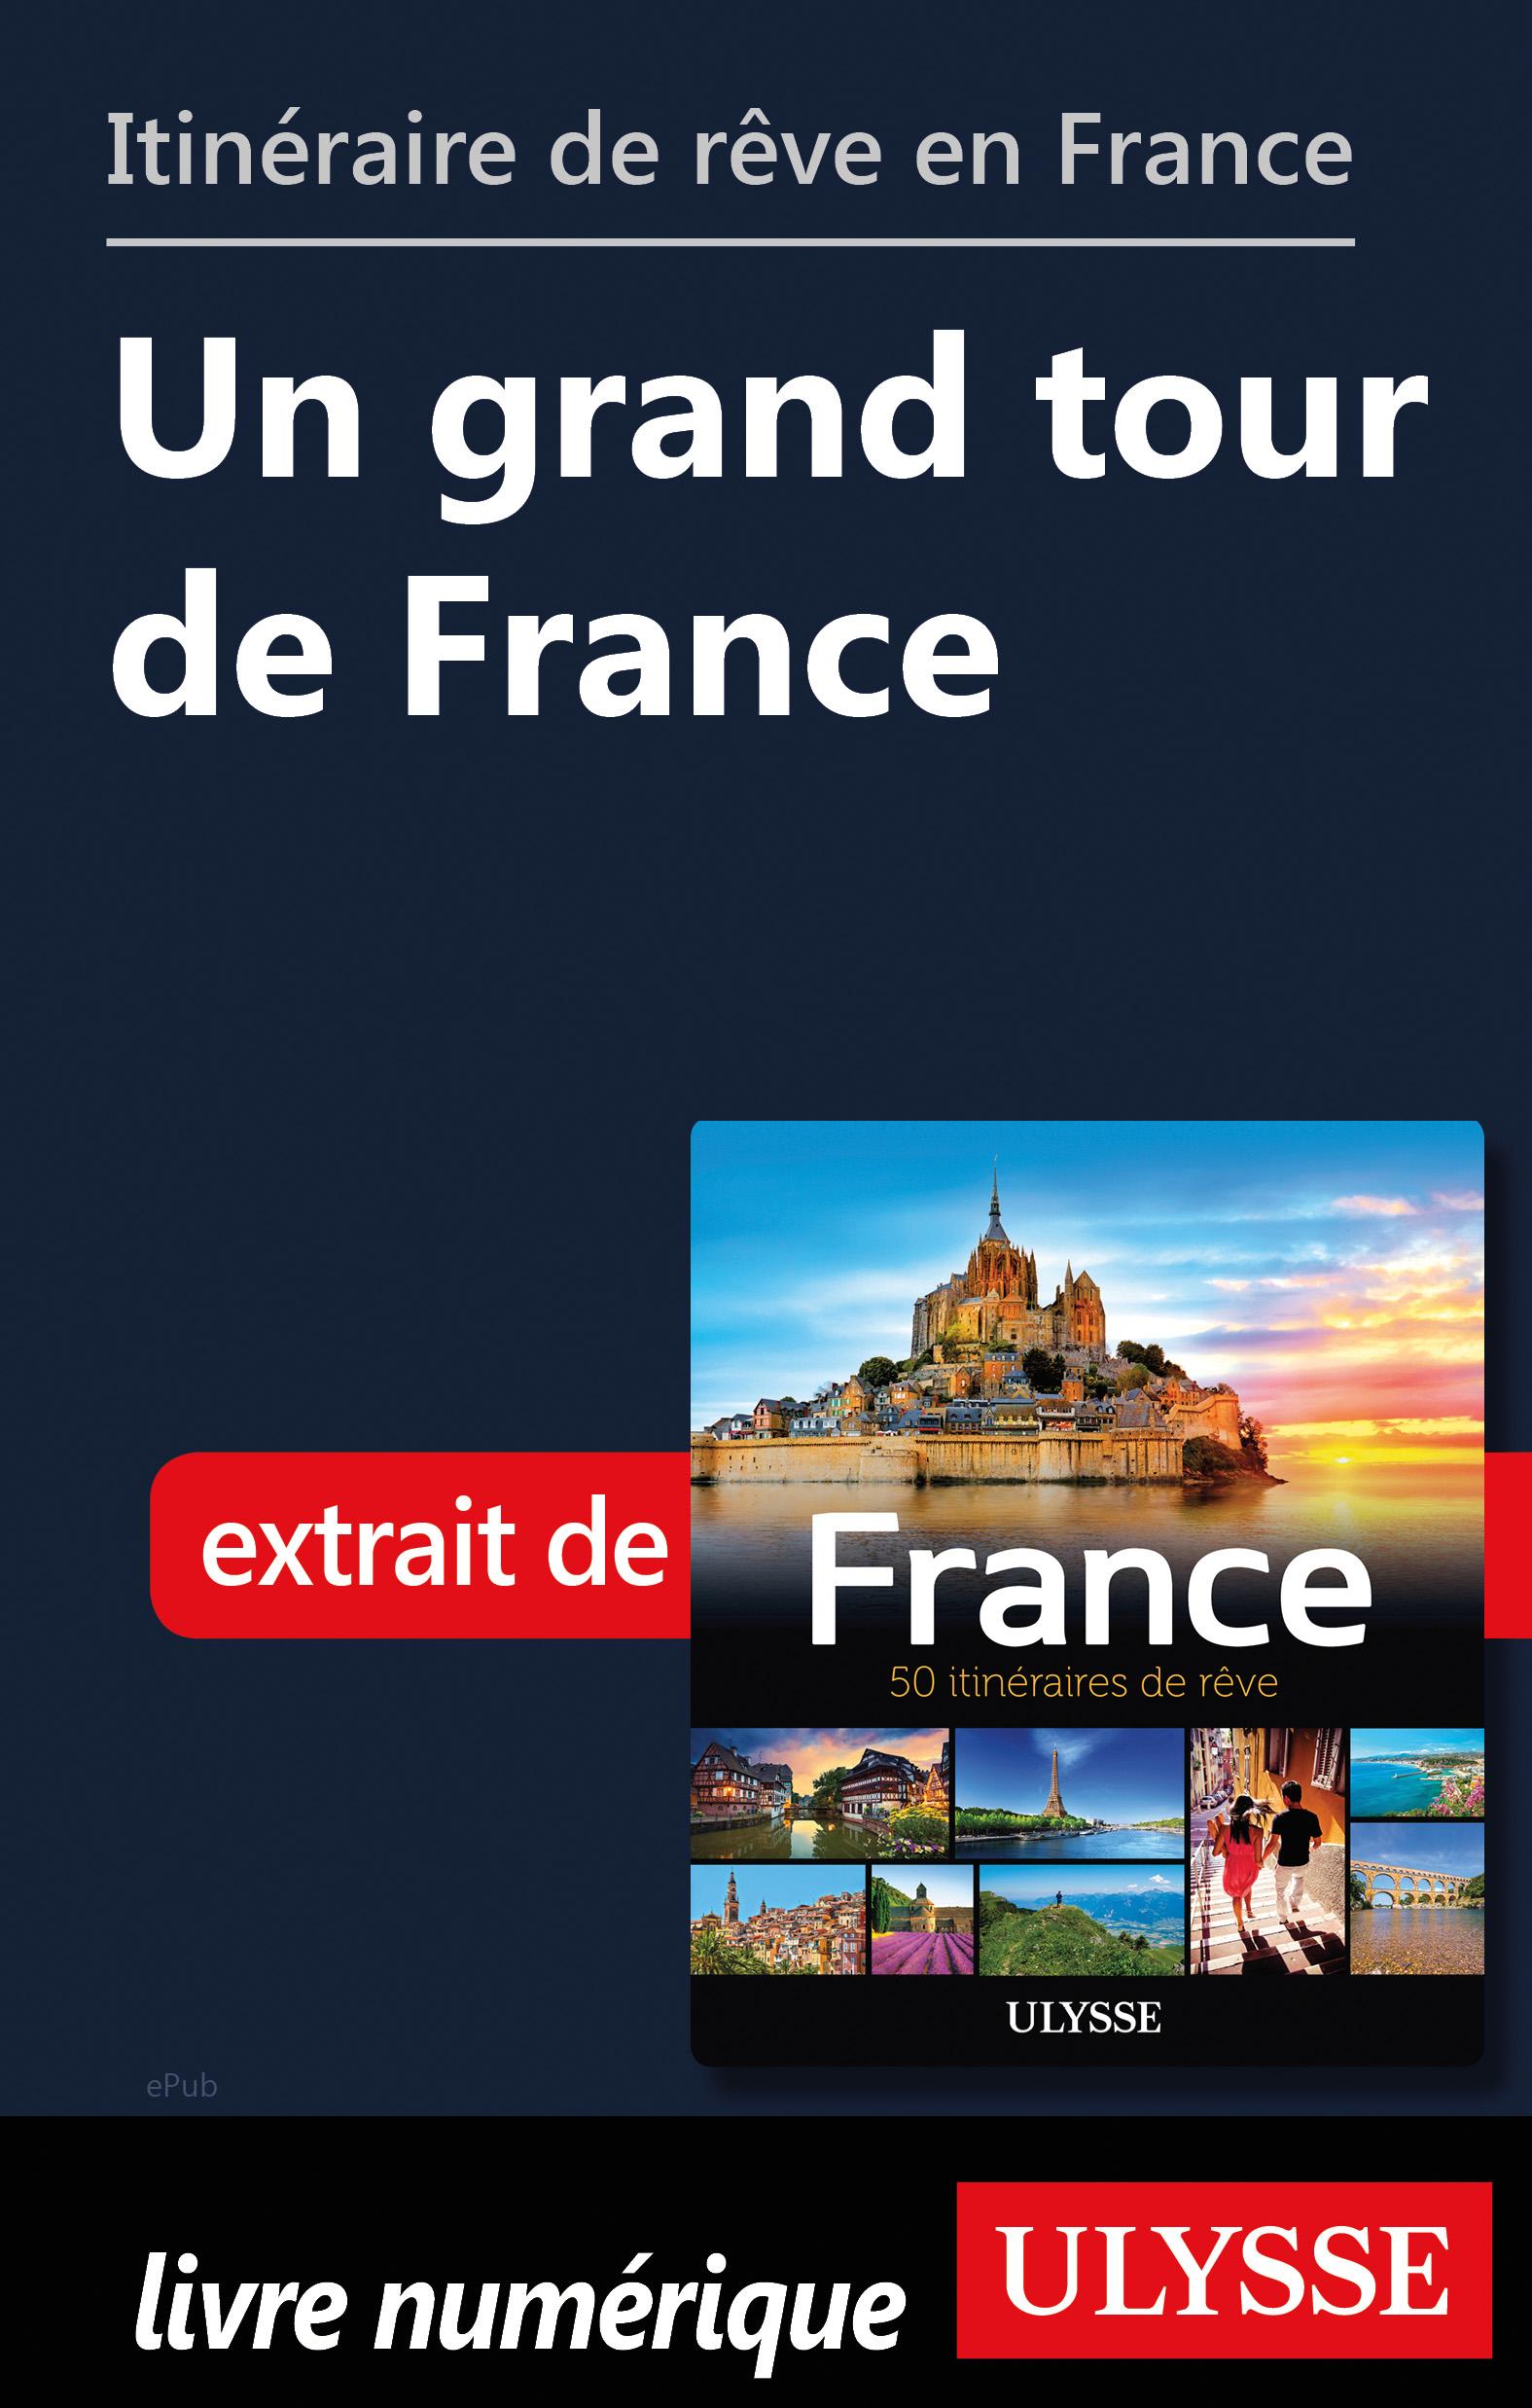 Itinéraire de rêve en France - Un grand tour de France